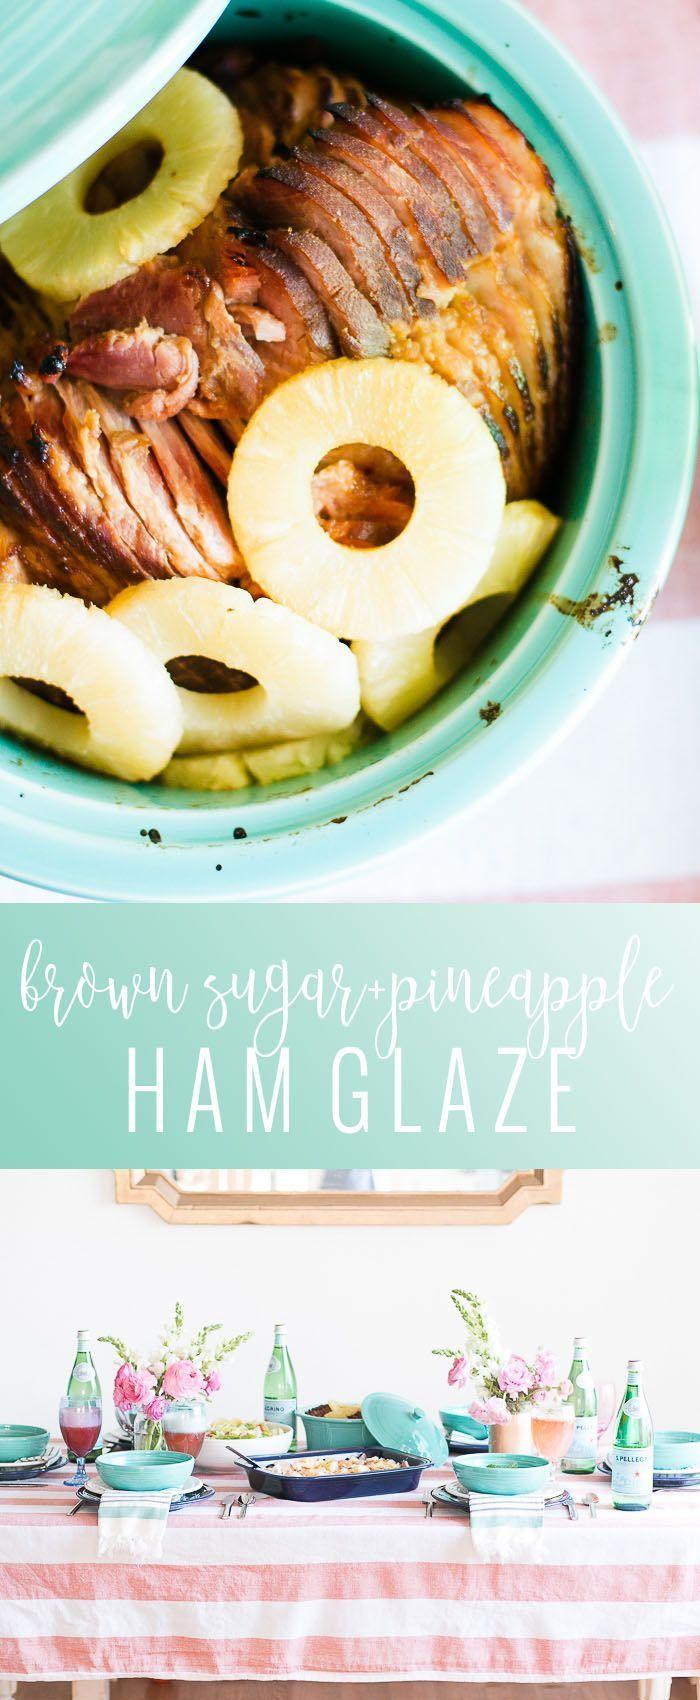 Brown Sugar and Pineapple Ham Glaze | easy ham glaze recipe | easter ham recipes | brown sugar ham glaze | homemade ham glaze || Oh So Delicioso #brownsugarglaze #hamglaze #easterham